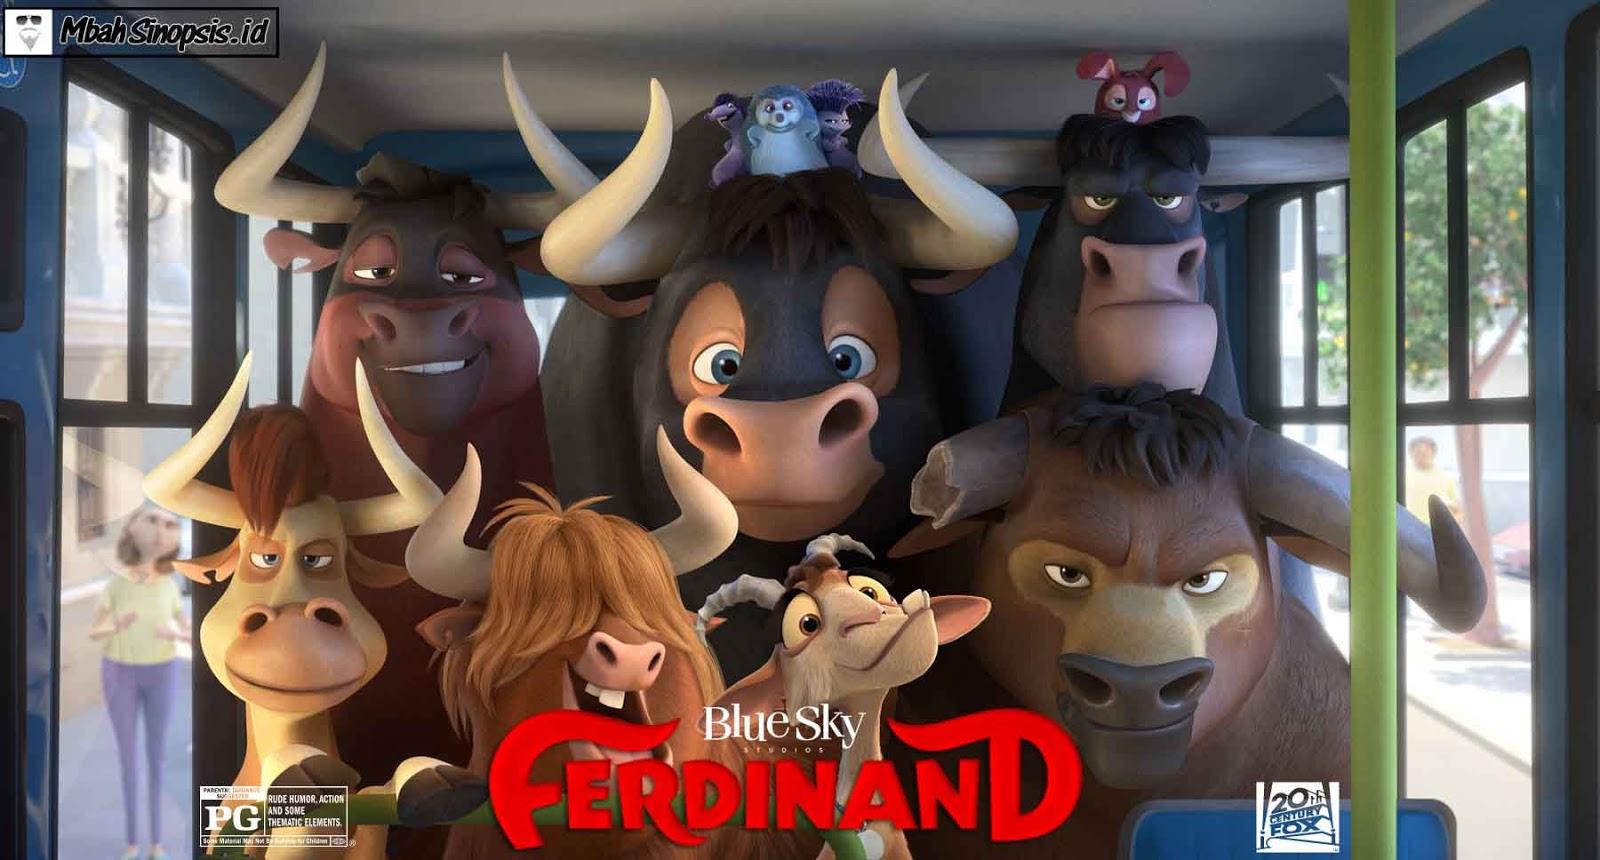 Sinopsis Film Ferdinand 2017 Mbah Sinopsis Rekomendasi